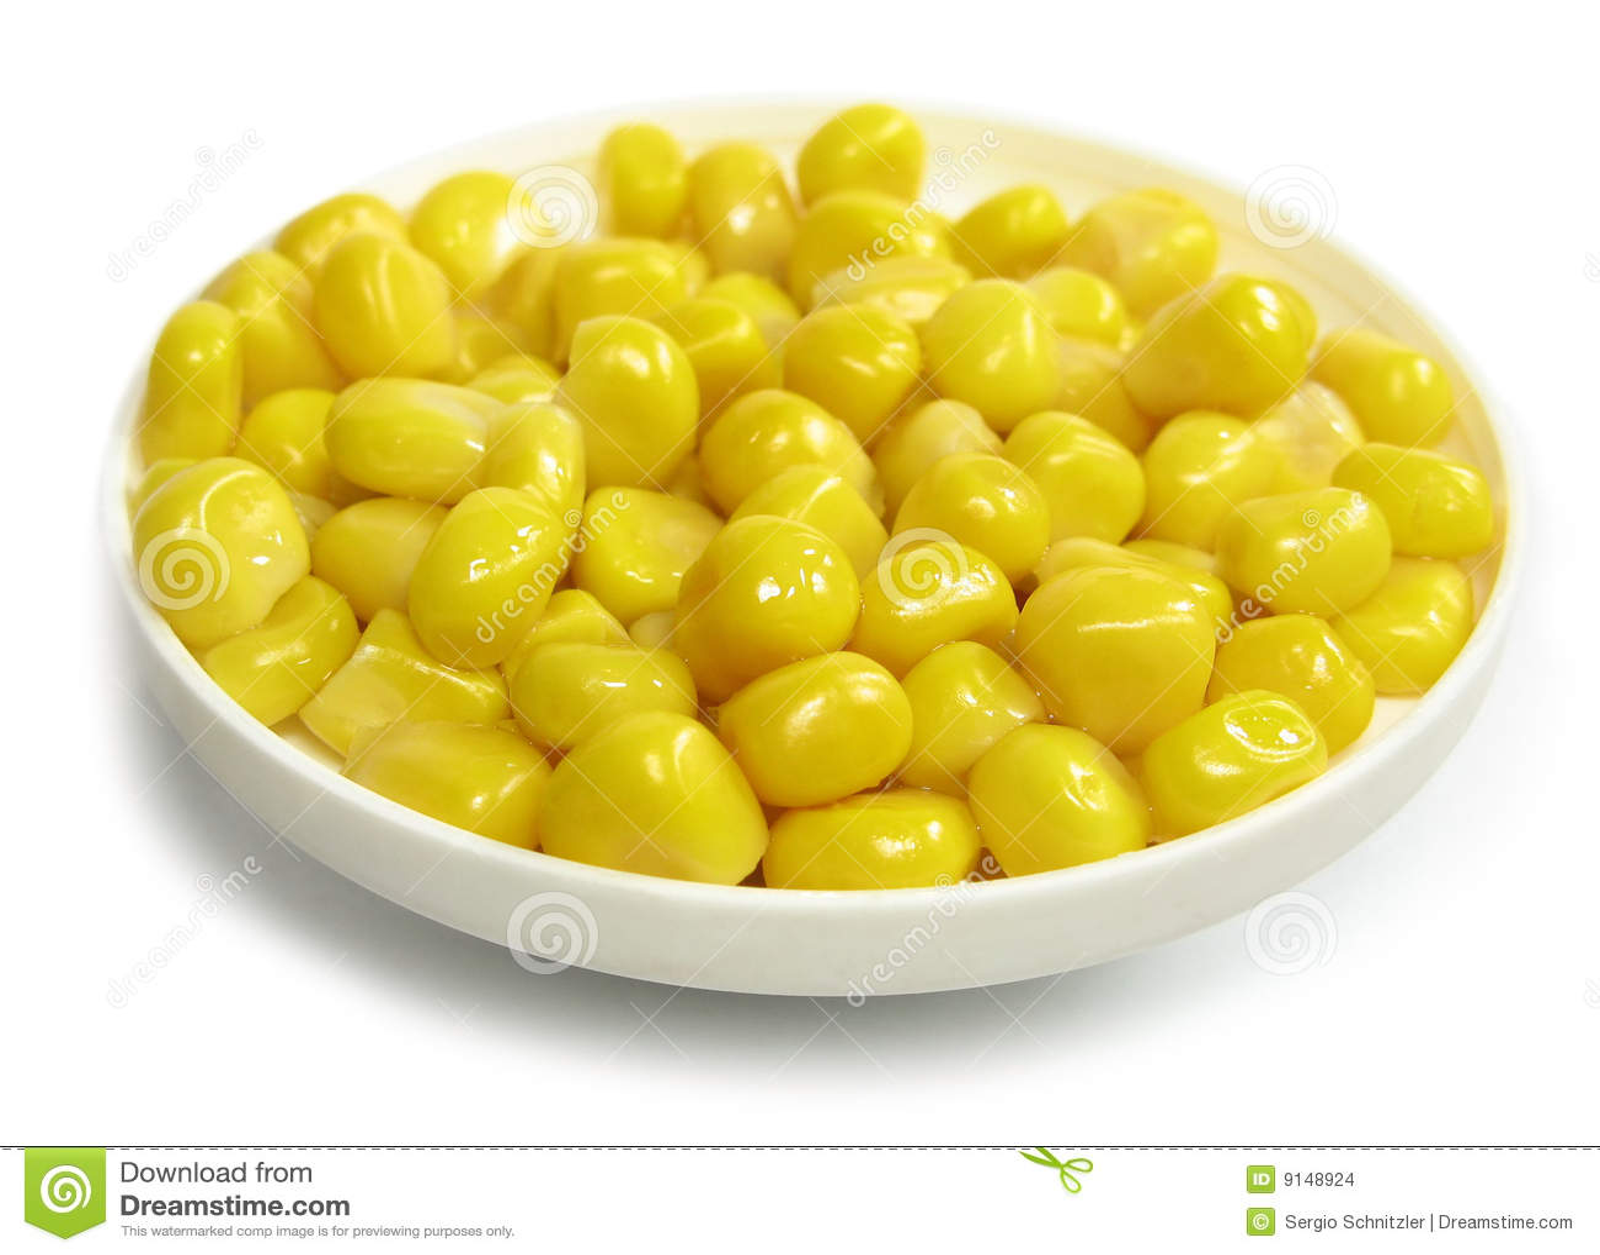 Geel graan